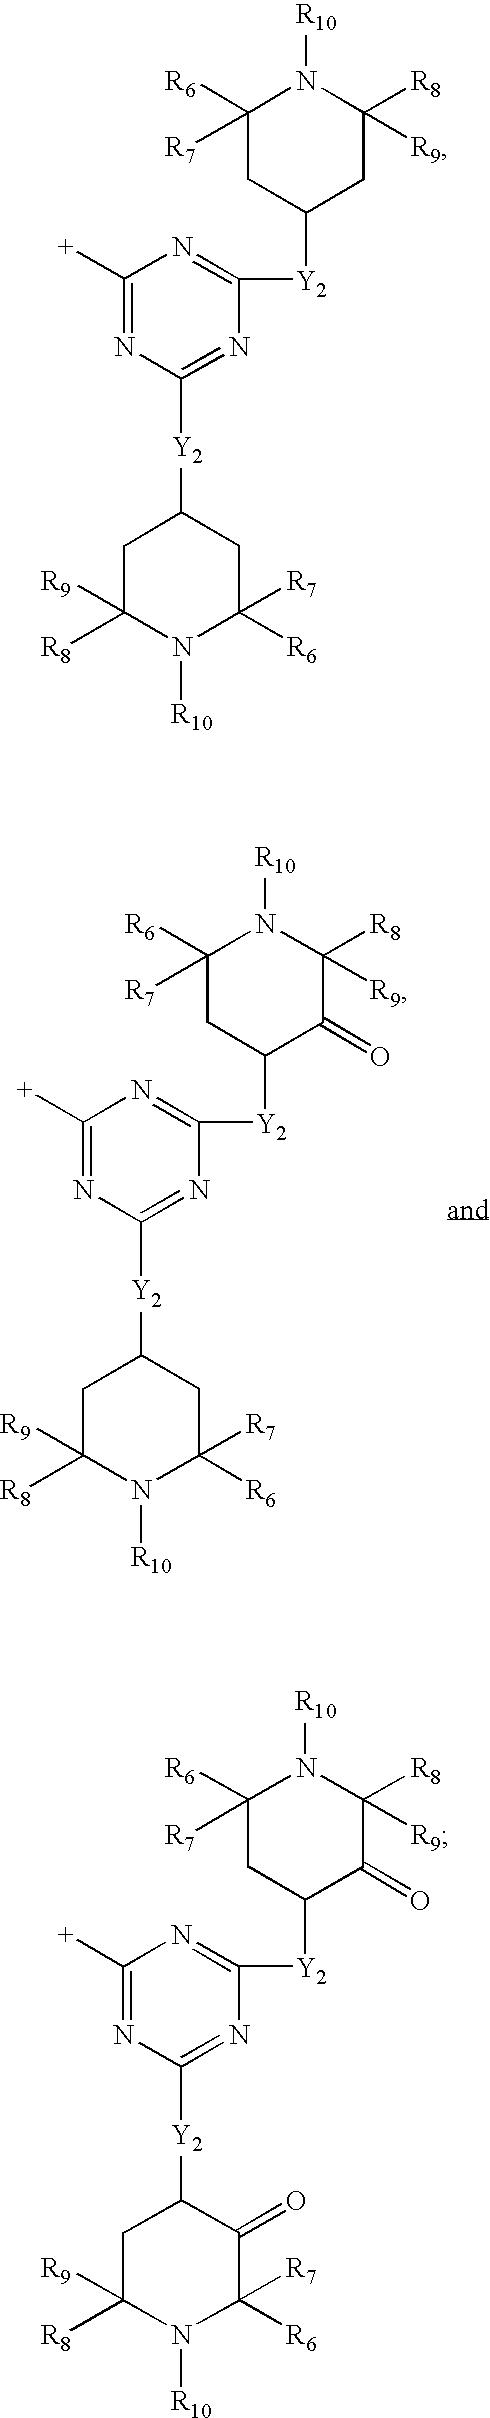 Figure US20050288400A1-20051229-C00051